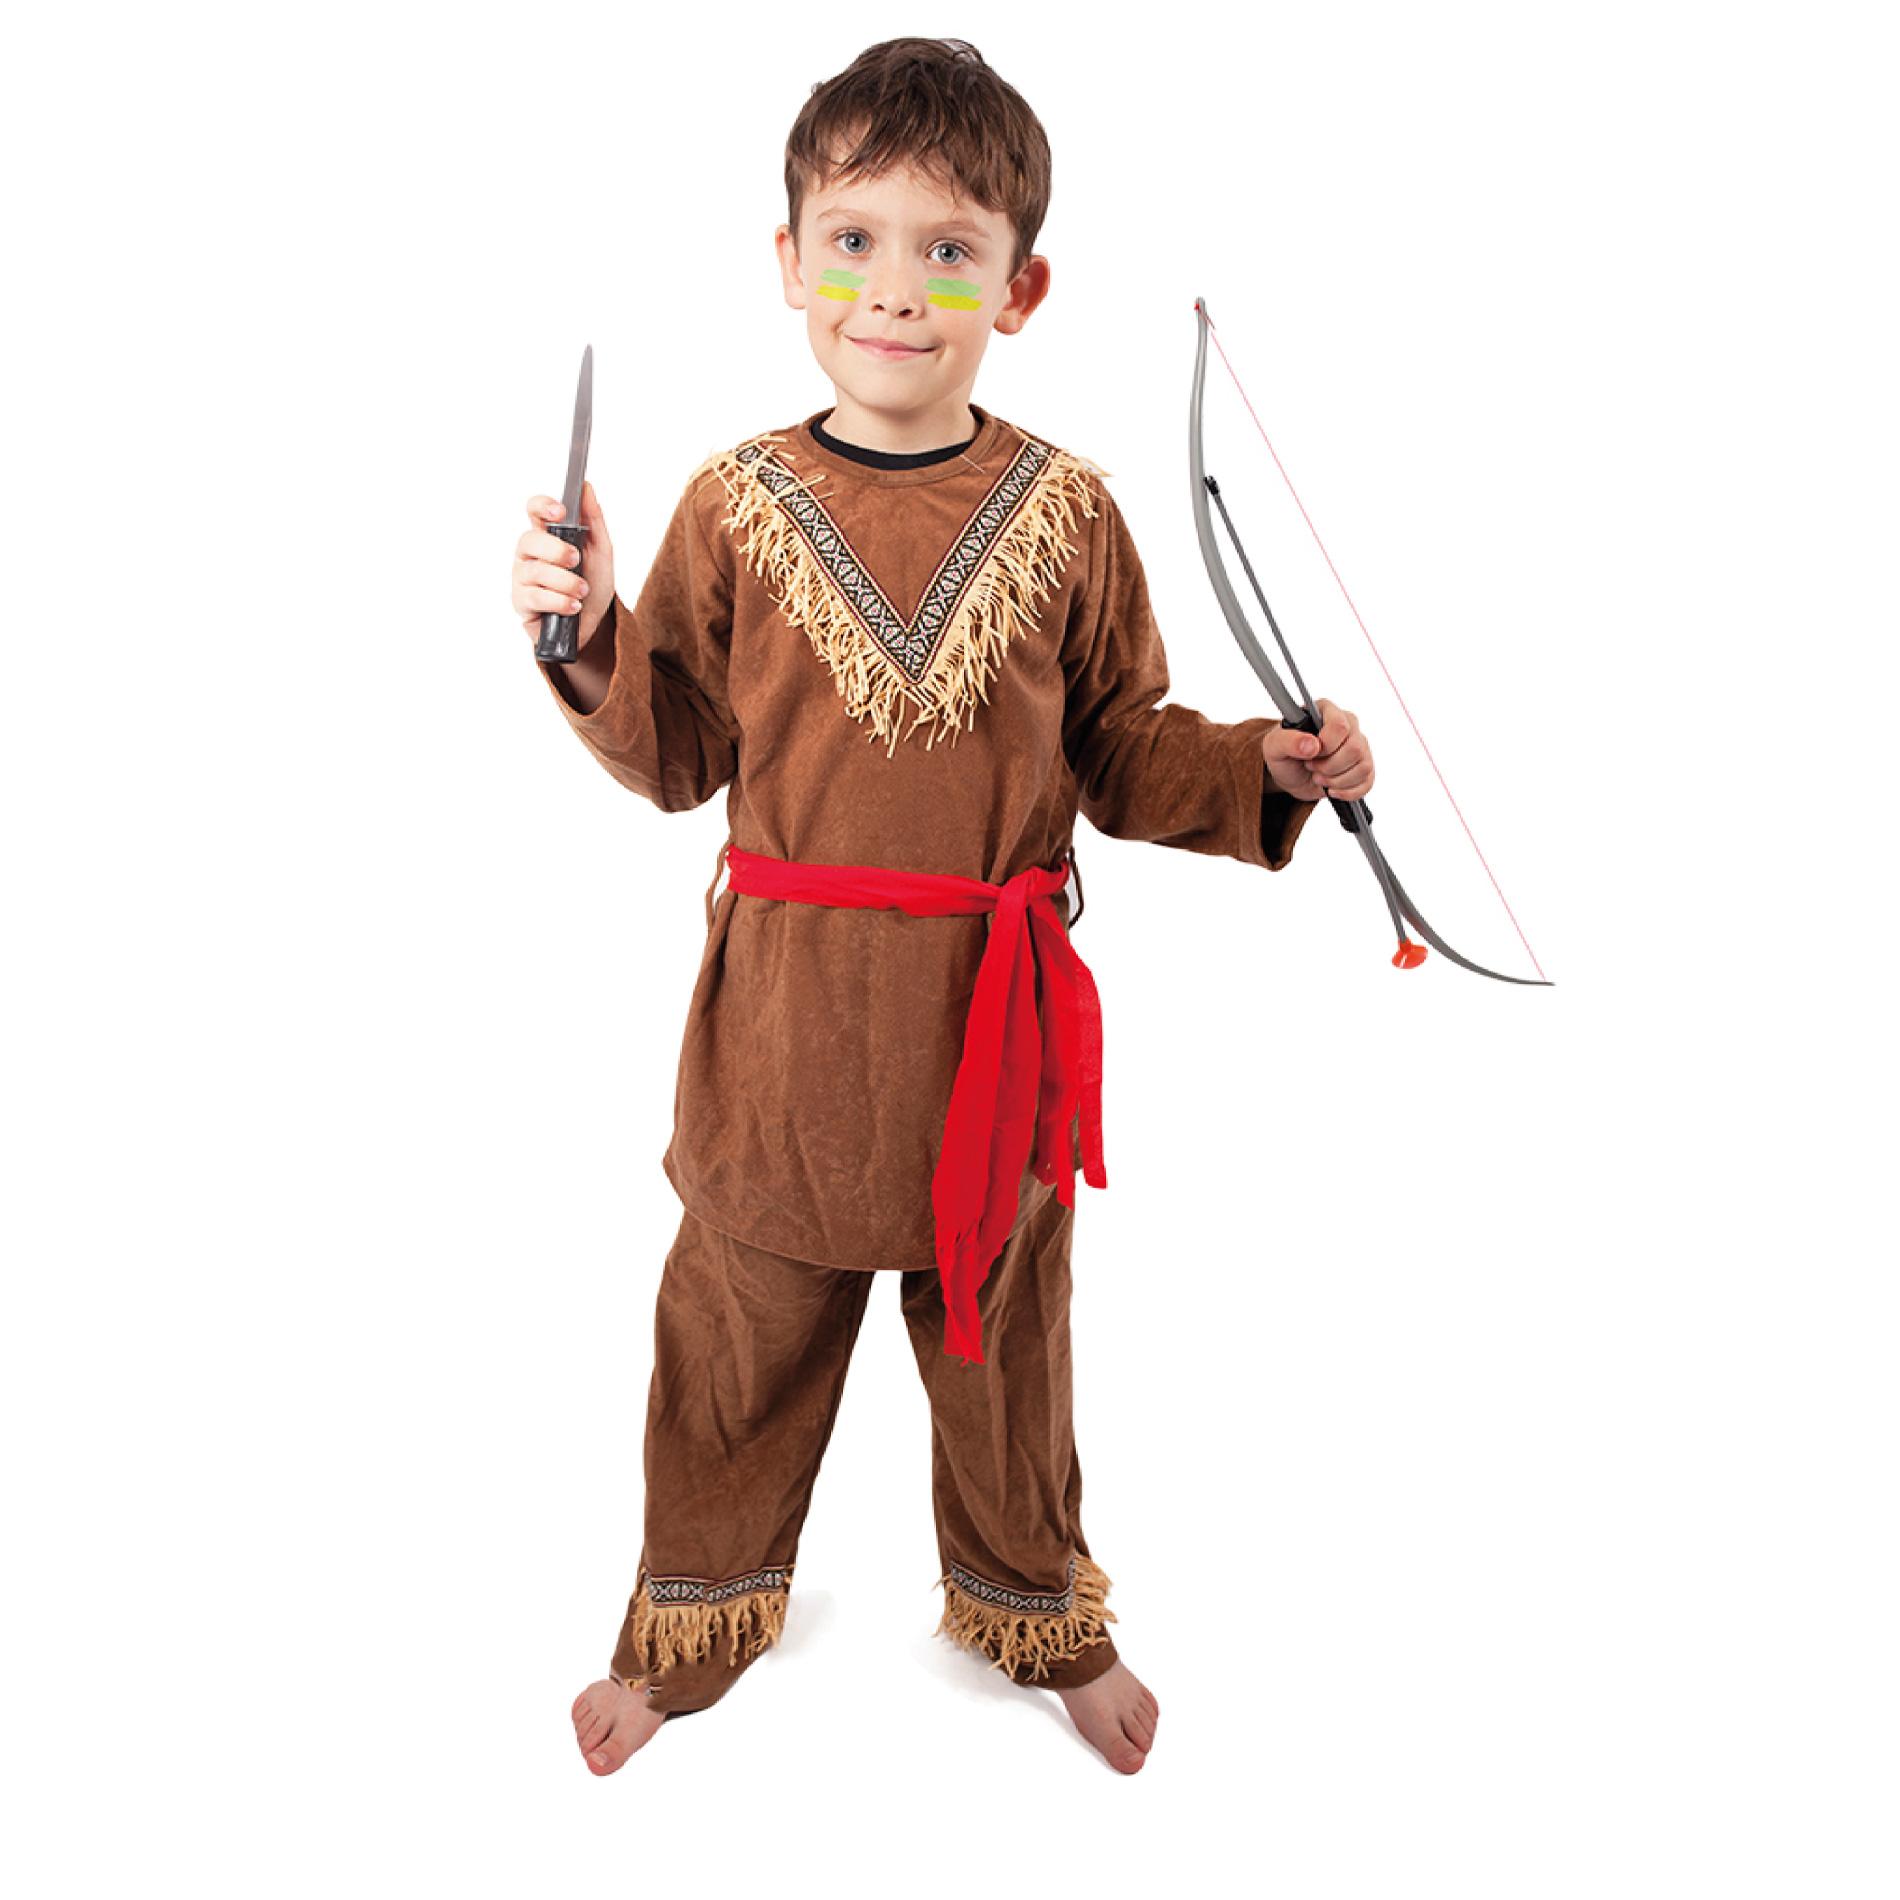 Dětský kostým indián s šátkem (M)